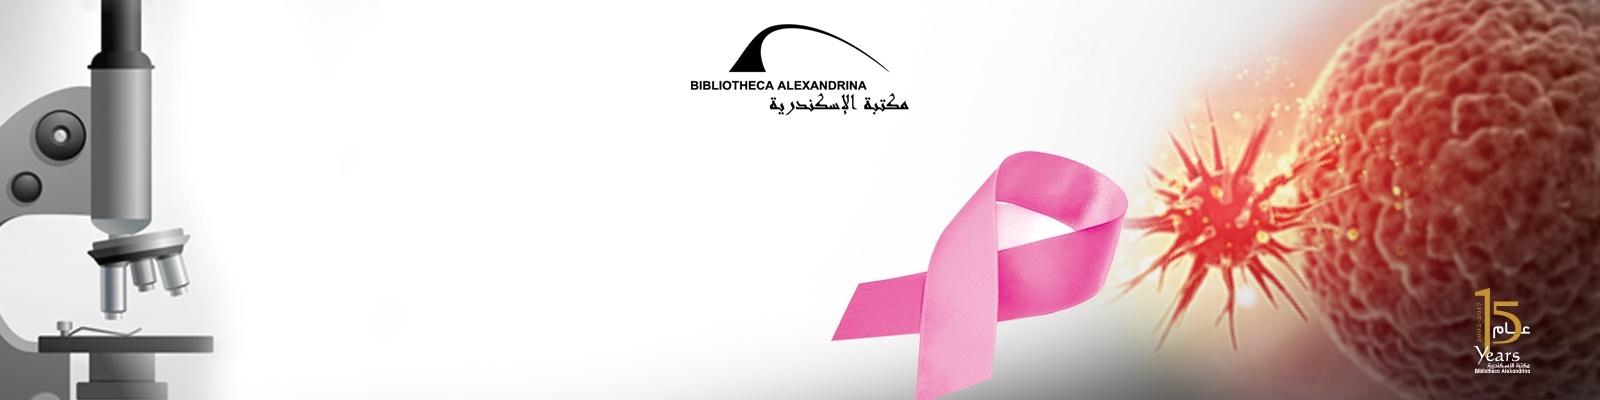 ندوة للتوعية عن السرطان: «اتجاهات جديدة في أبحاث السرطان»